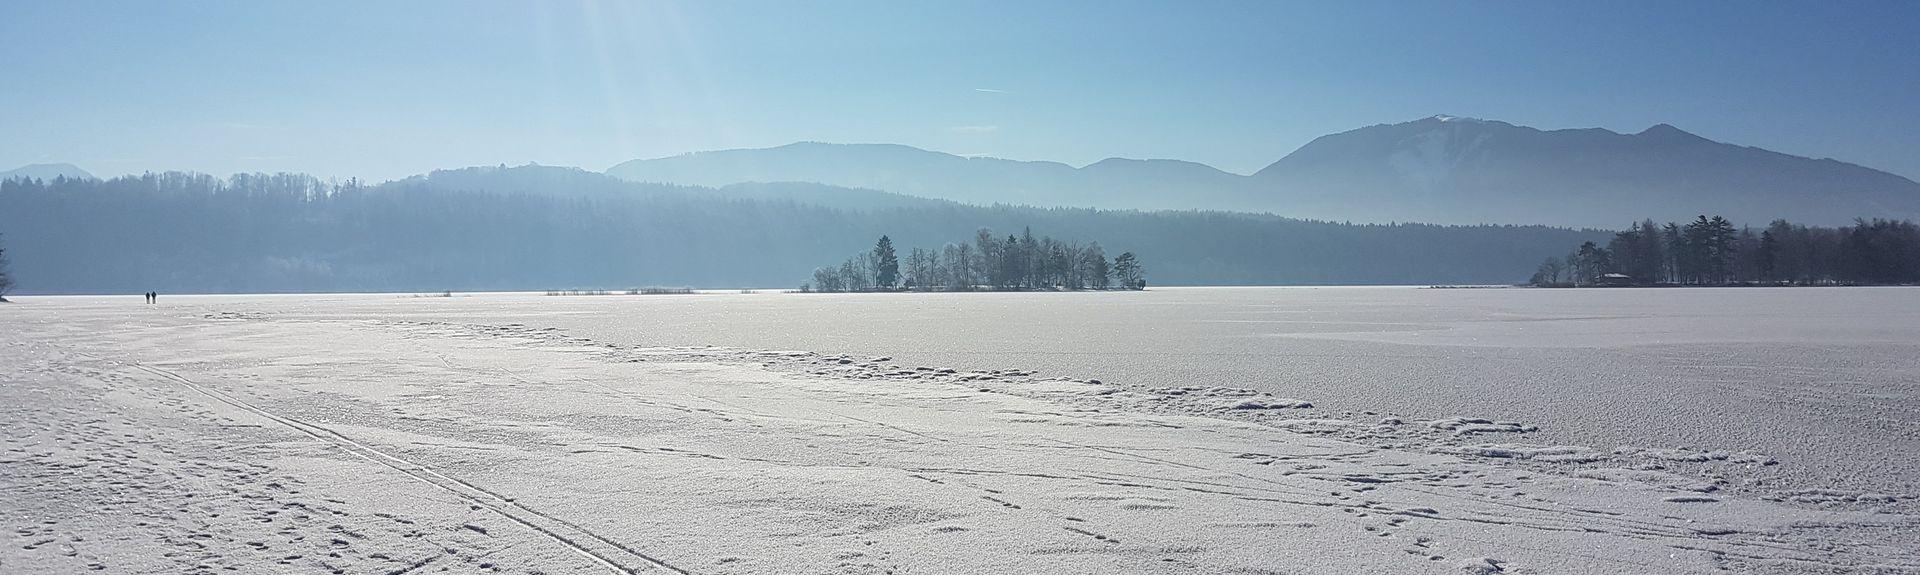 Kochelsee, Kochel am See, Baviera, Alemanha